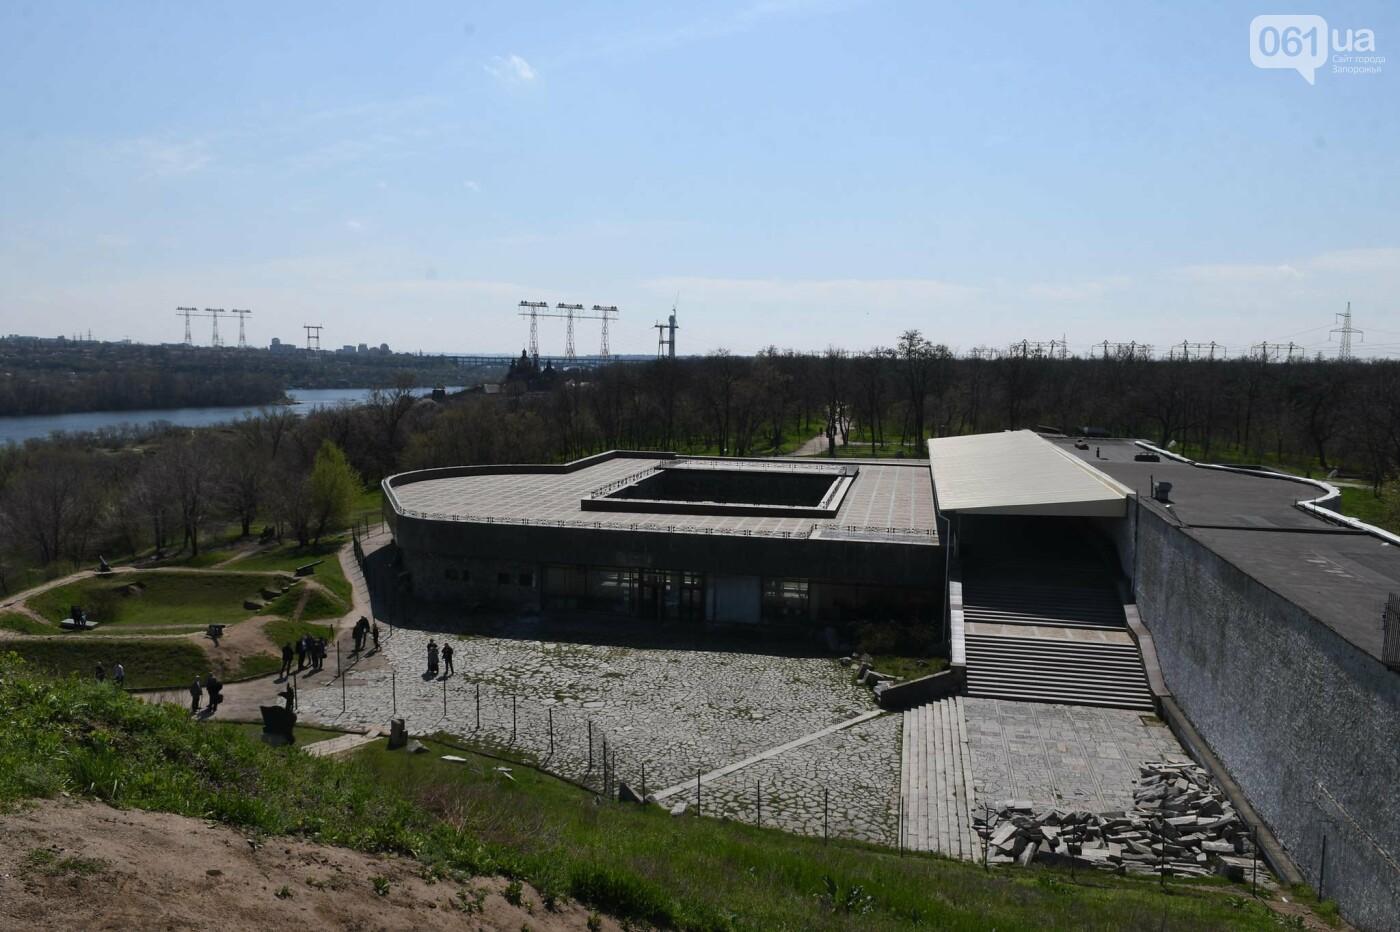 Министр культуры назвал сроки реконструкции кургана на Хортице - как будет выглядеть объект, - ФОТО, фото-7